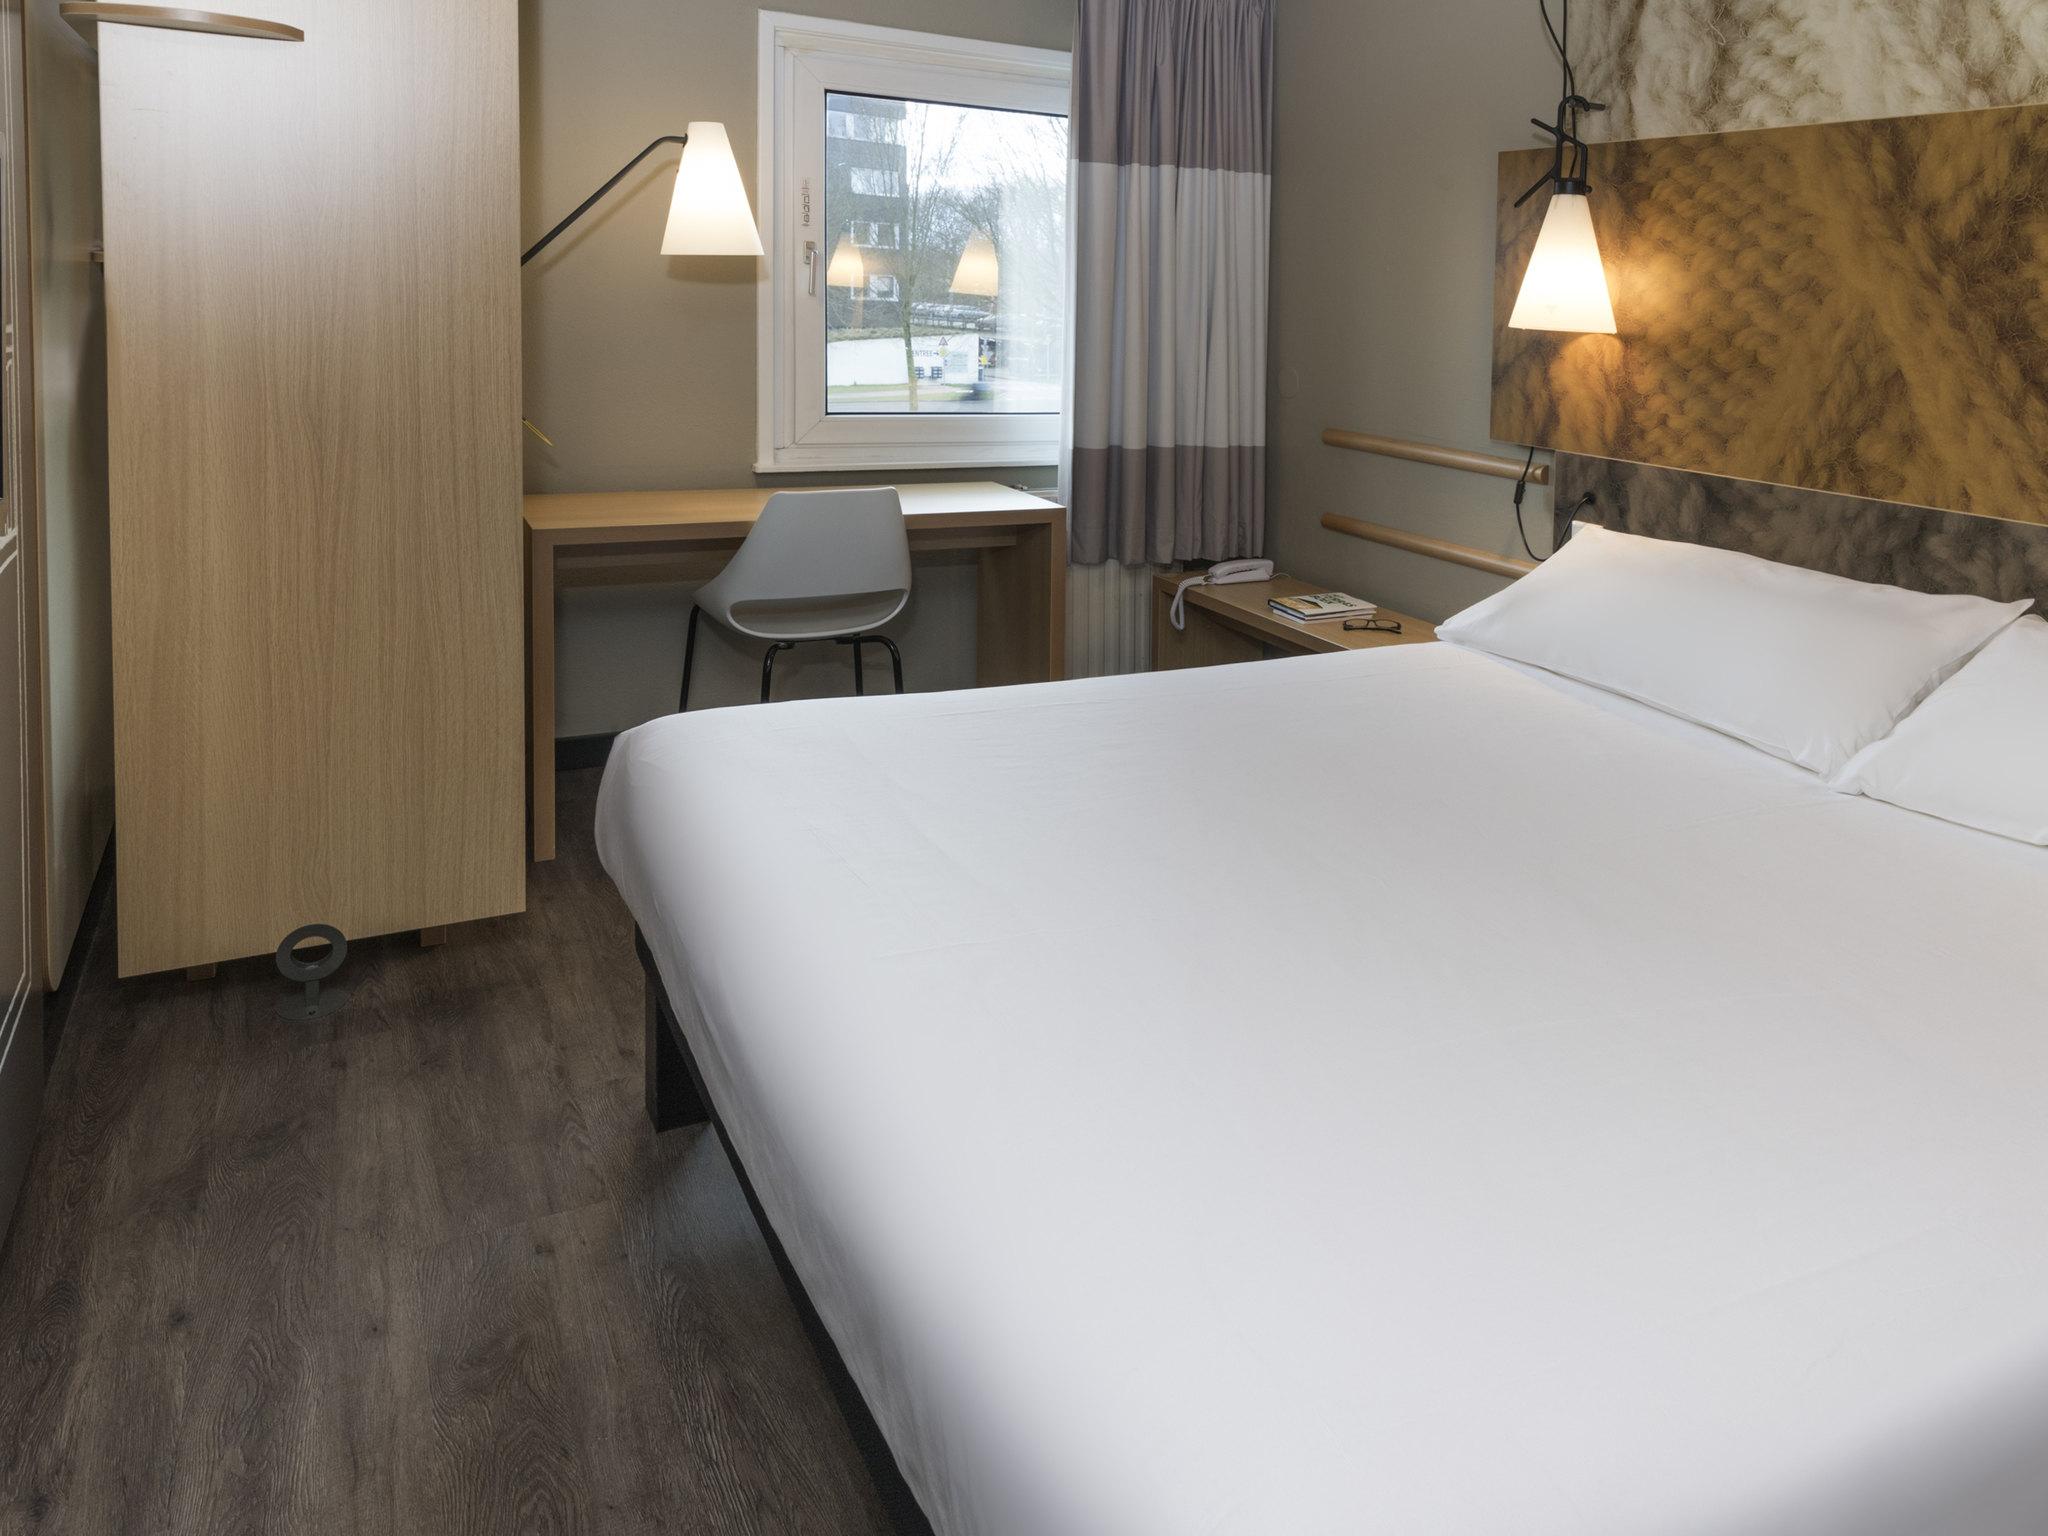 Hh Van Hire >> Hotel Di Ibis Tilburg Ibis Tilburg Accor